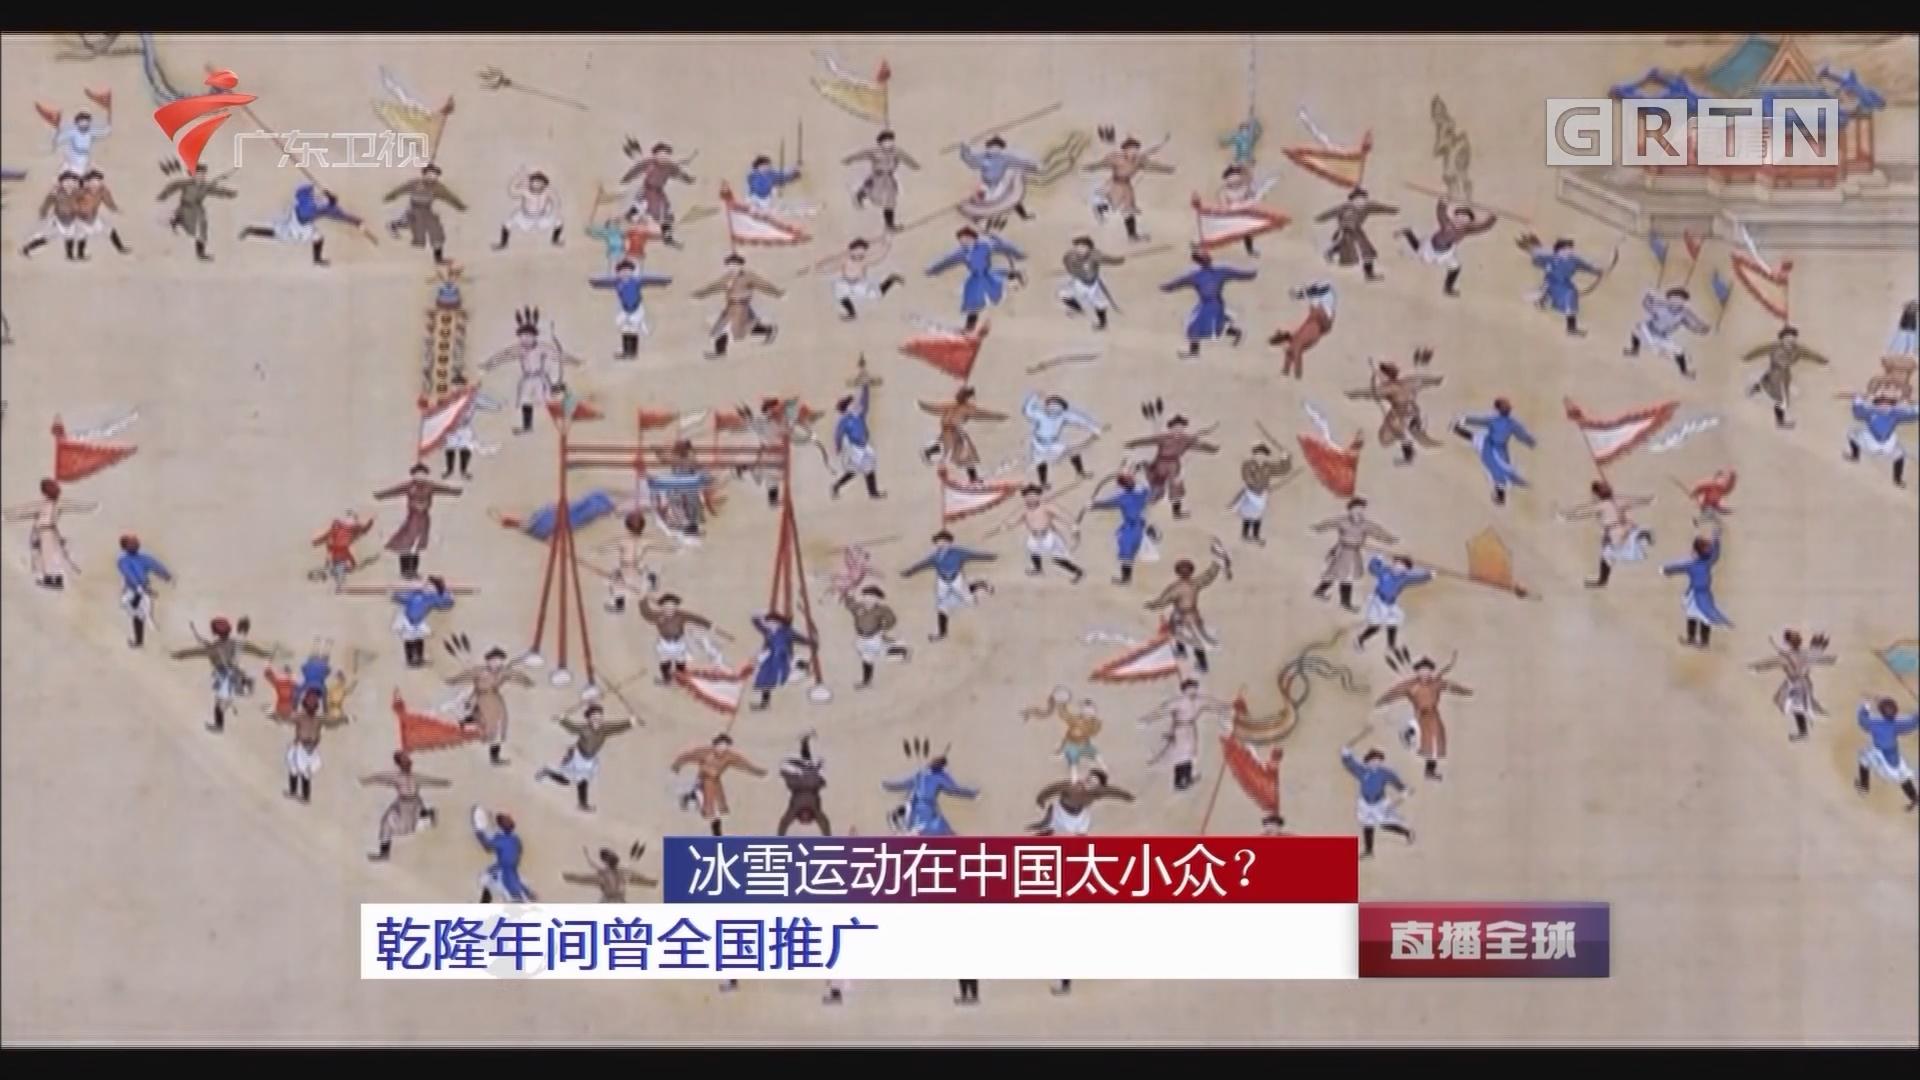 冰雪运动在中国太小众? 乾隆年间曾全国推广